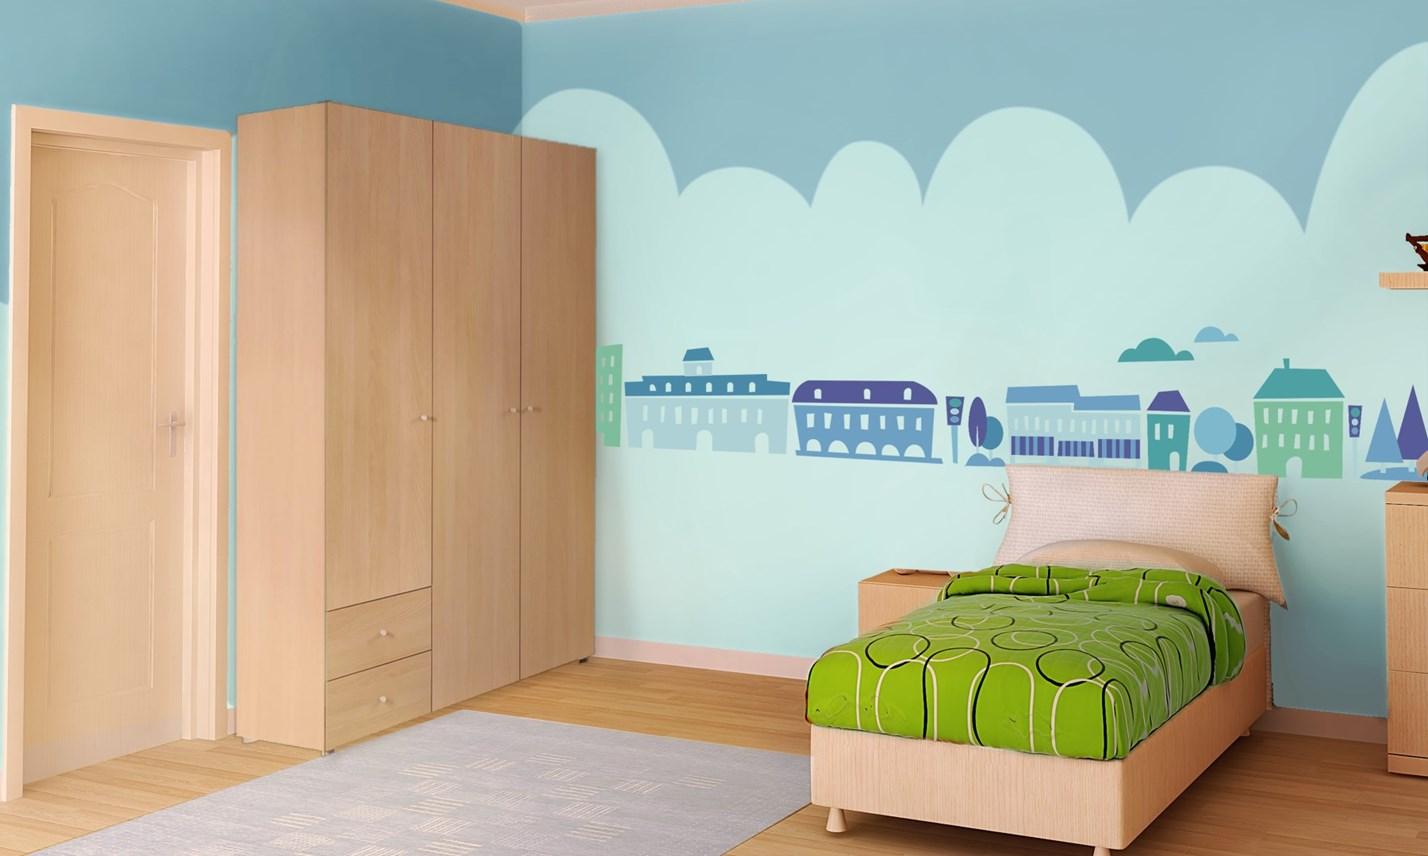 Decorazioni per pareti camerette trio with decorazioni for Decorazioni per camerette